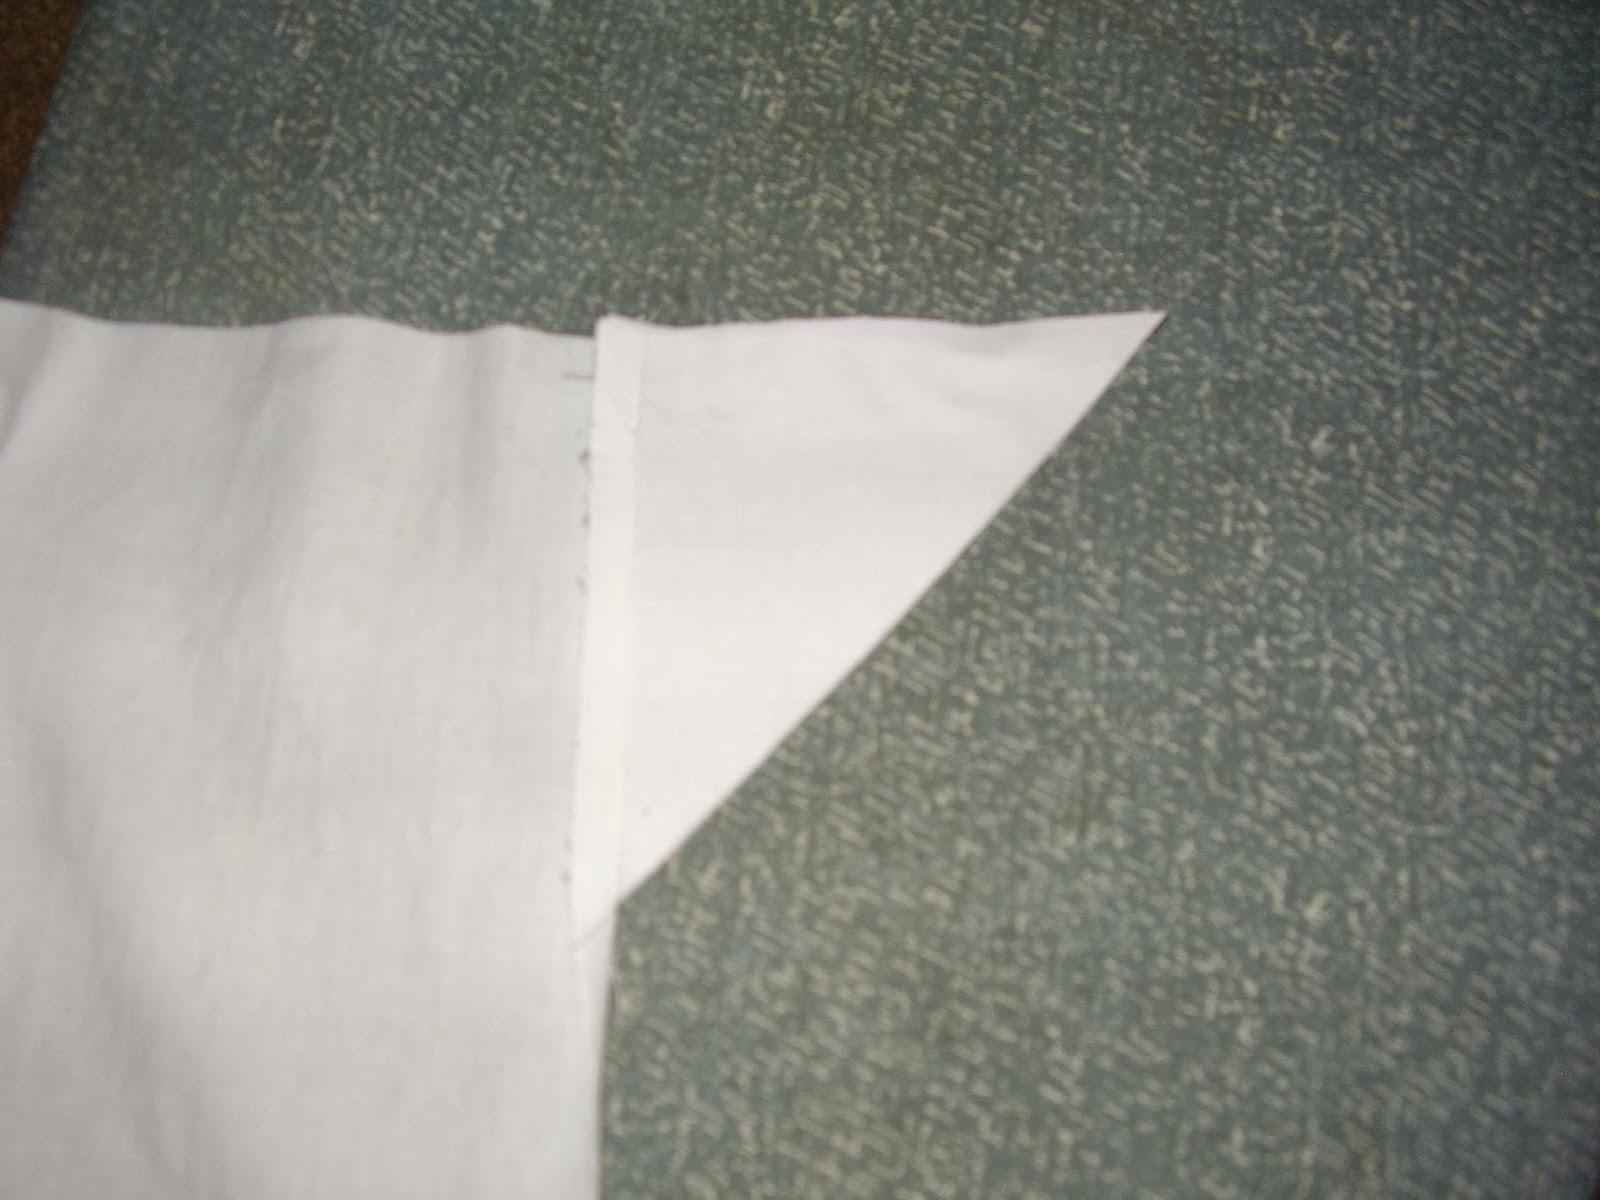 Triangular underarm gusset for Empire chemise.